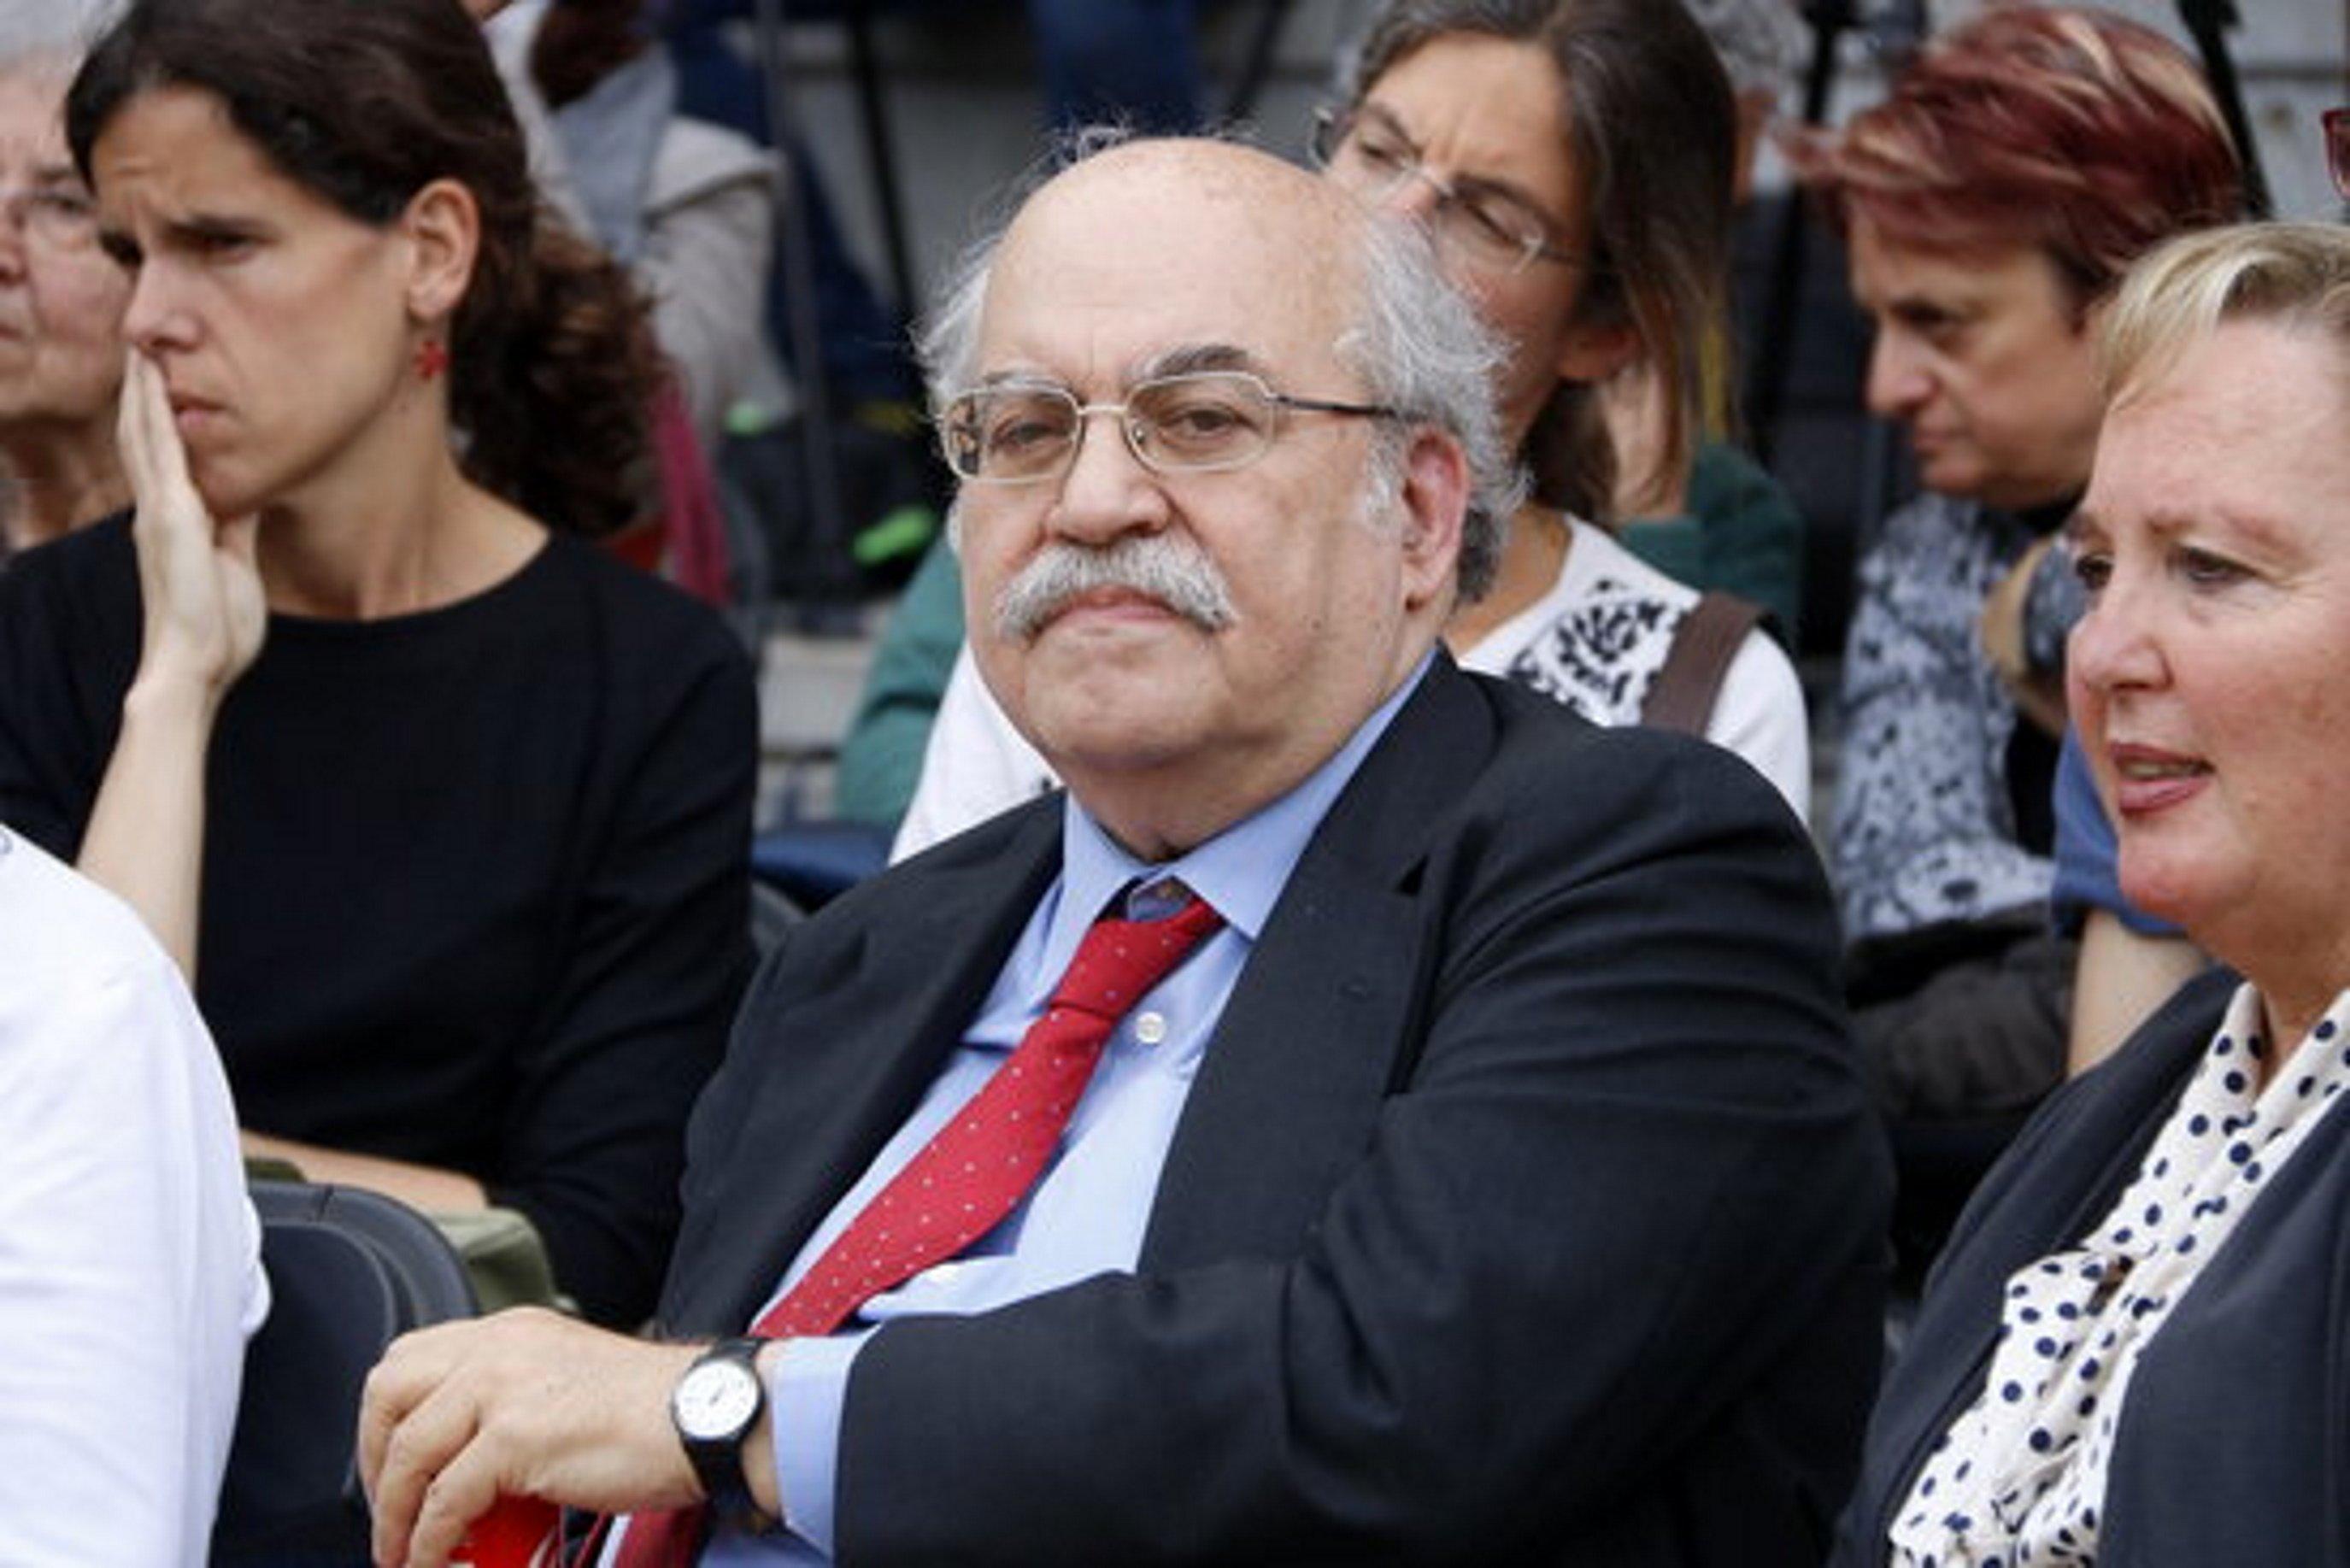 La persecución del Tribunal de Cuentas a Mas-Colell llega a 'The Times'